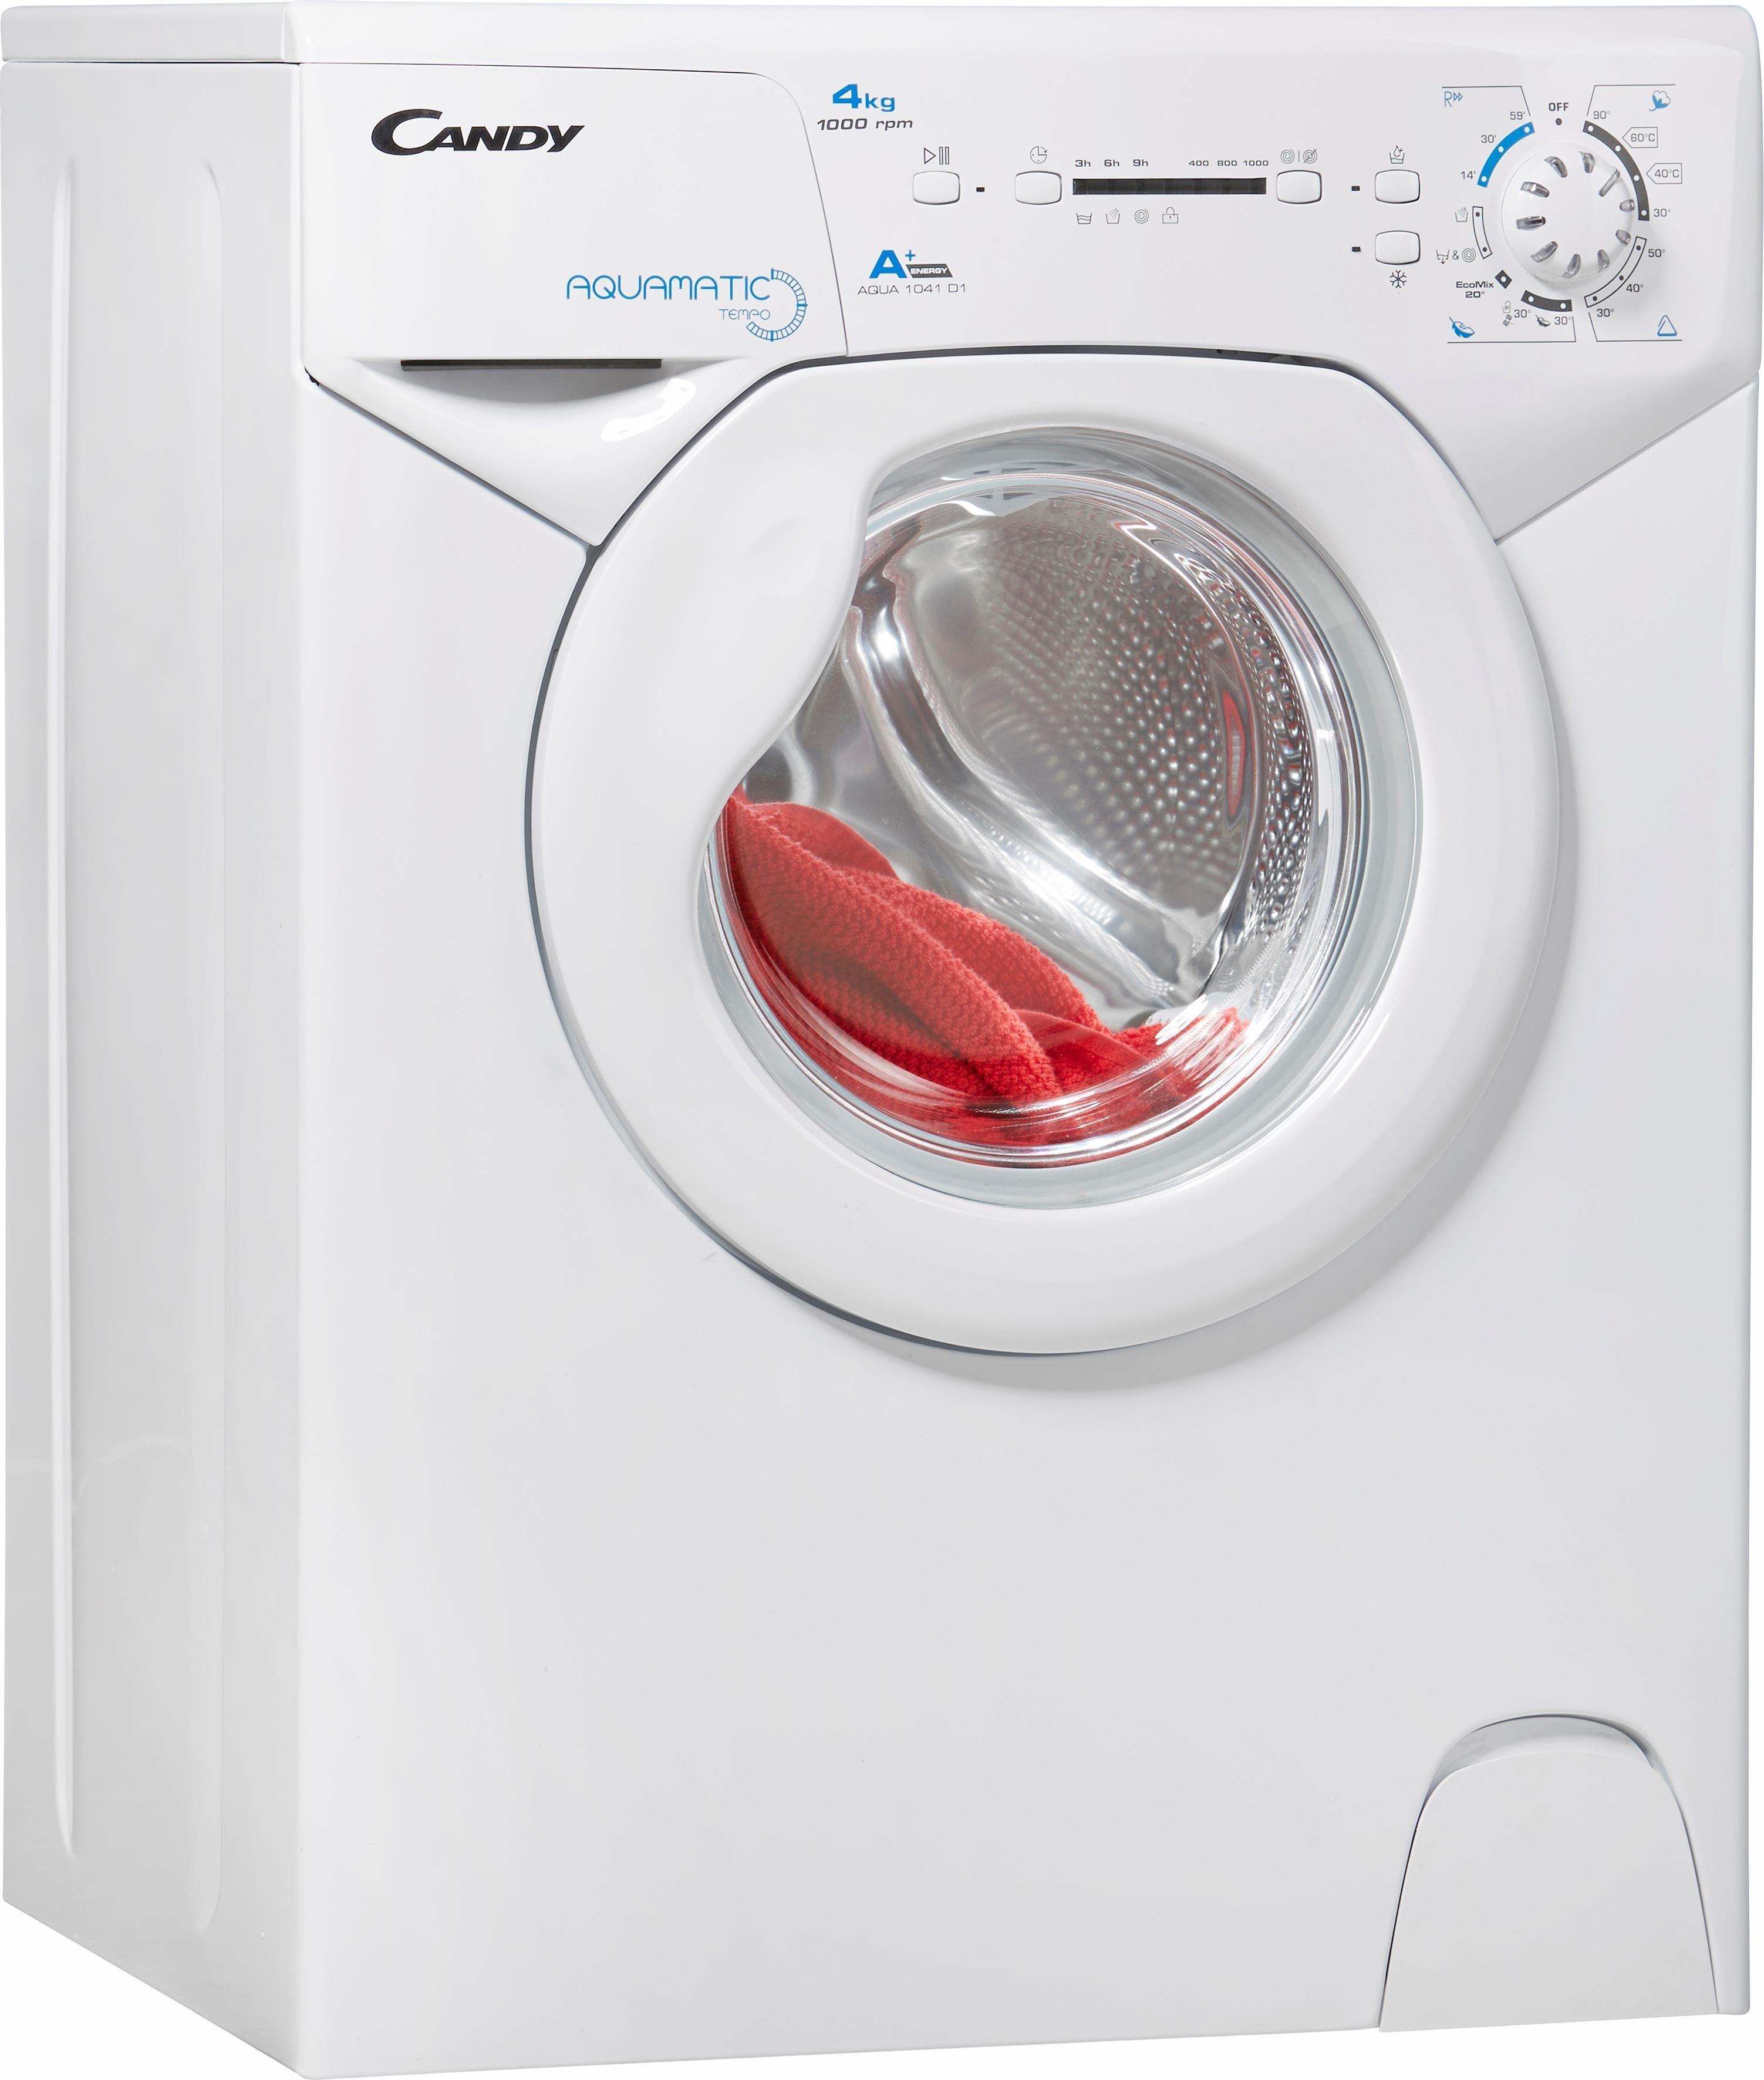 Candy Waschmaschine AQUA 1041D1, 4 kg, 1000 U/Min